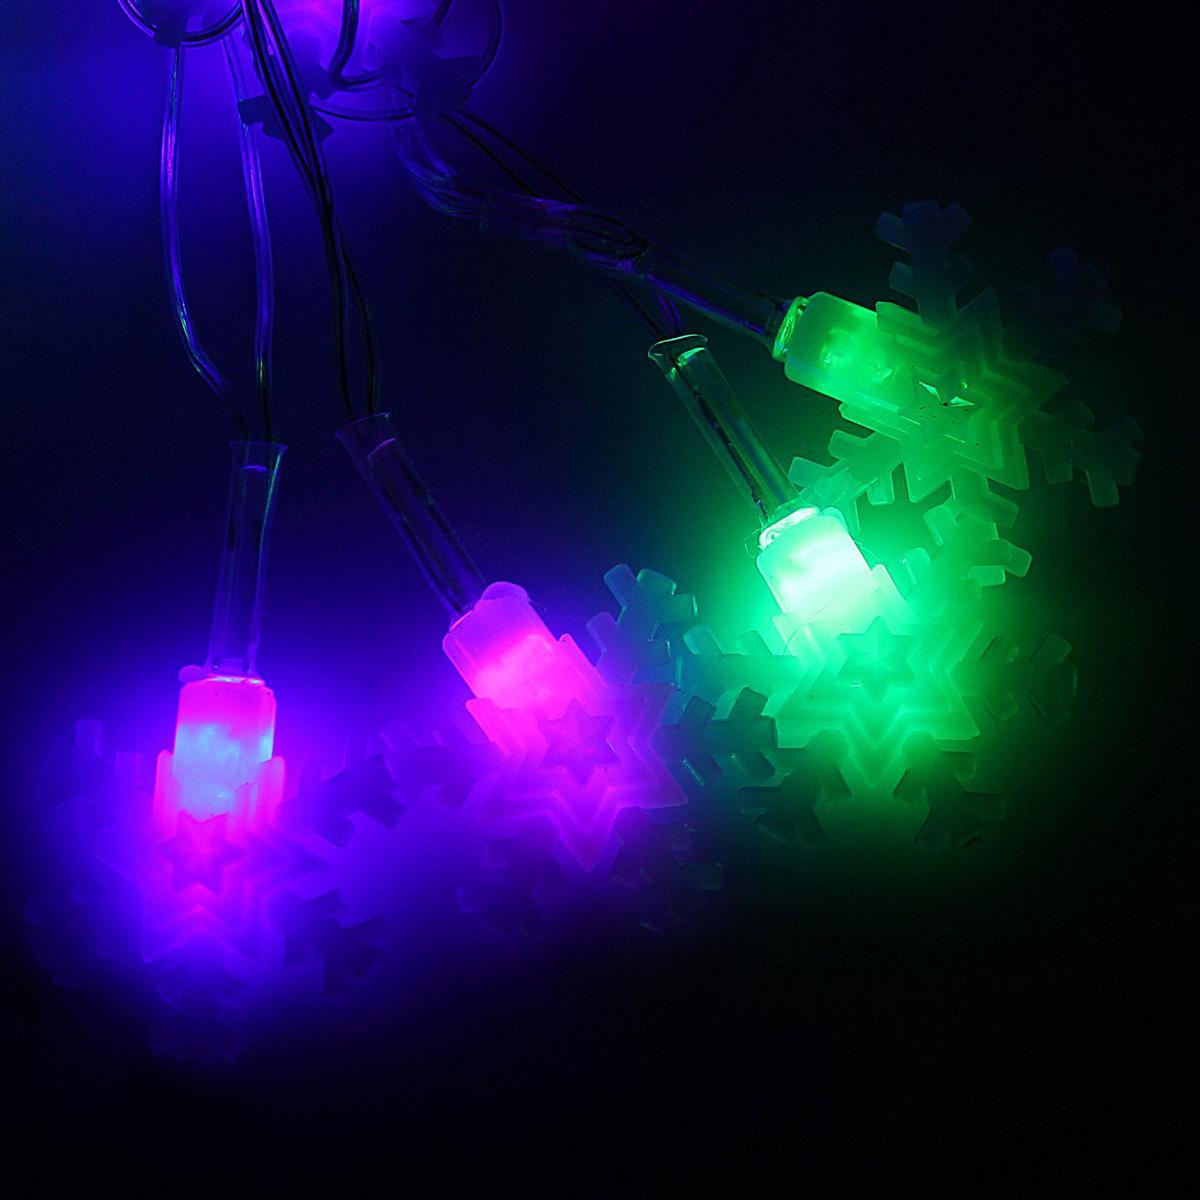 Гирлянда светодиодная Luazon Метраж. Снежинка малая матовая, 20 ламп, 220 V, длина 5 м1080400Светодиодные гирлянды и ленты — это отличный вариант для новогоднего оформления интерьера или фасада. С их помощью помещение любого размера можно превратить в праздничный зал, а внешние элементы зданий, украшенные ими, мгновенно станут напоминать очертания сказочного дворца. Такие украшения создают ауру предвкушения чуда. Деревья, фасады, витрины, окна и арки будто специально созданы, чтобы вы украсили их светящимися нитями.